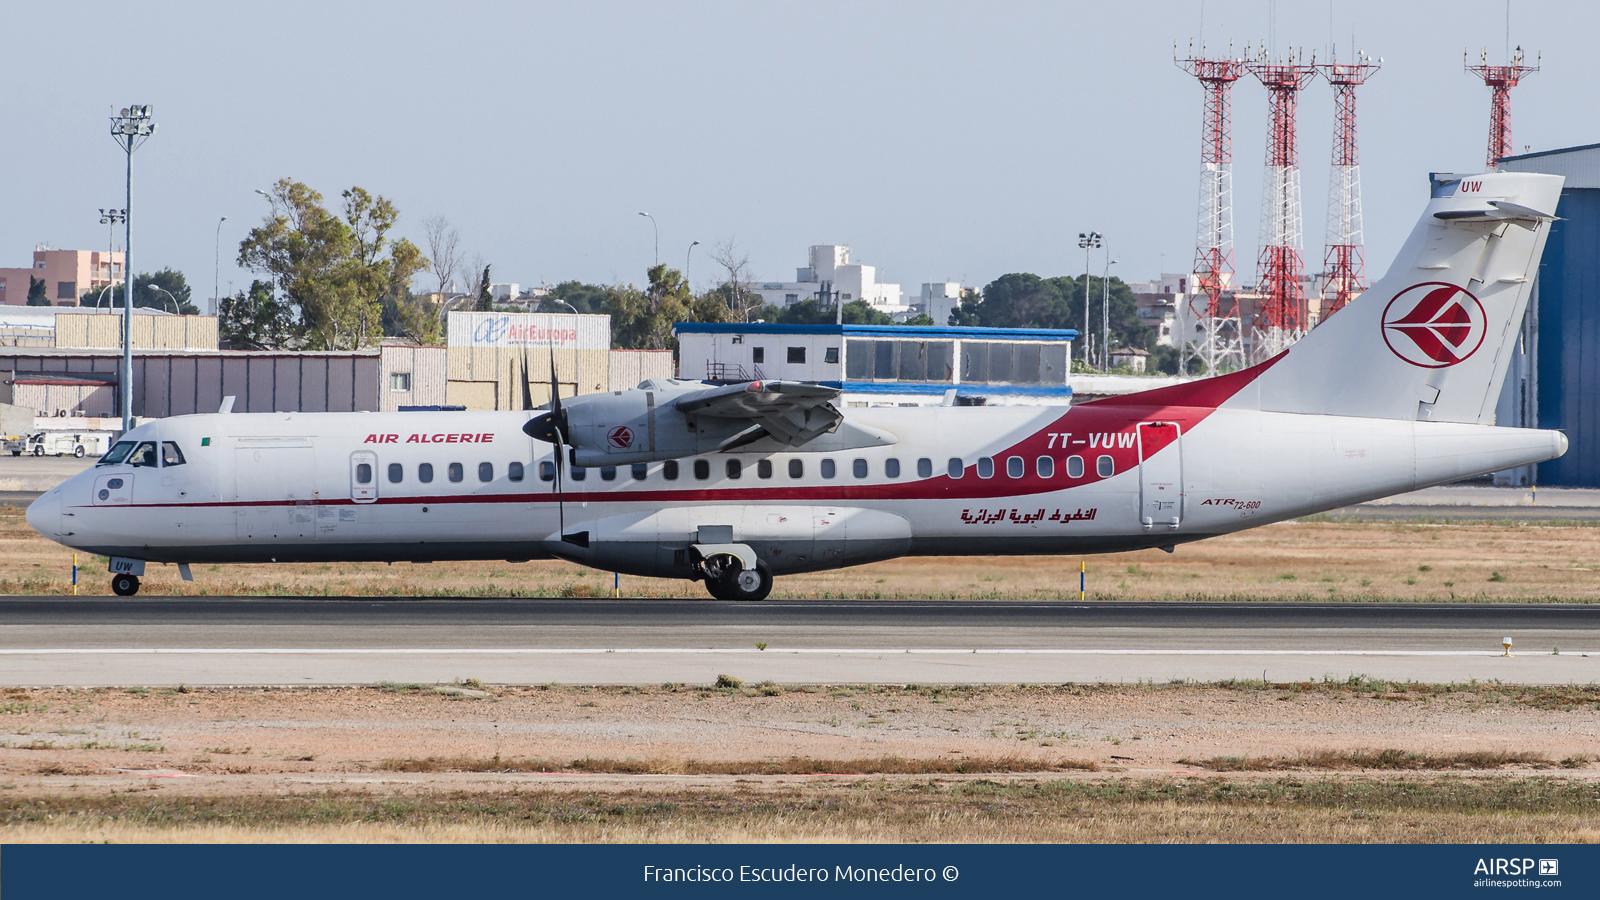 Air Algerie  ATR-72  7T-VUW